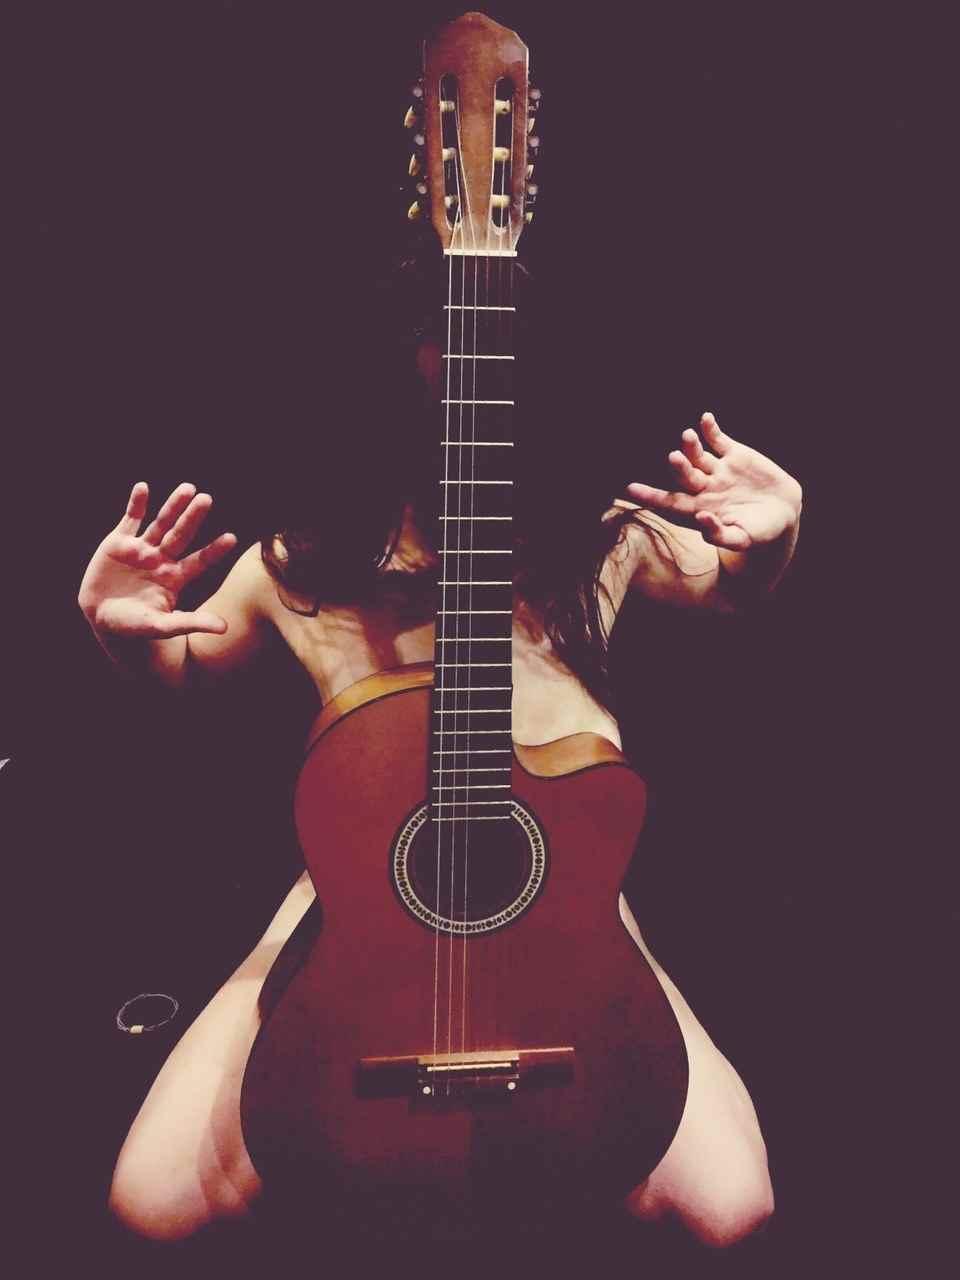 Красивая девушка с гитарой фото, картинки 07